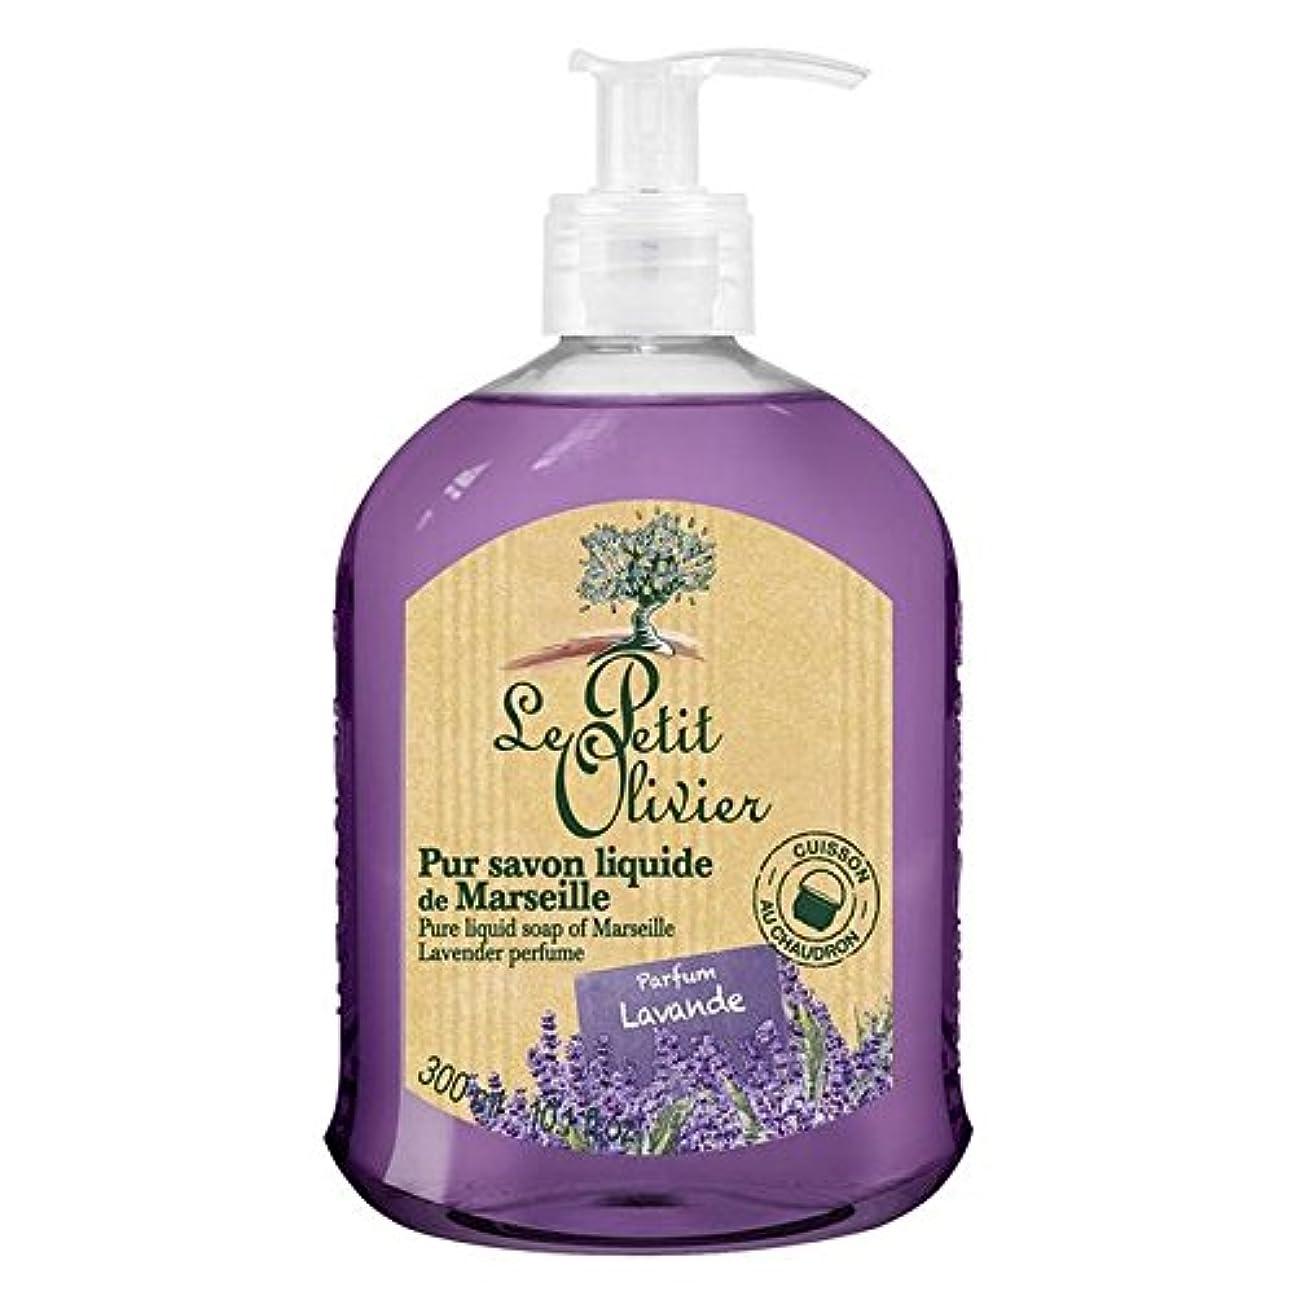 マルセイユのル?プティ?オリヴィエ純粋な液体石鹸、ラベンダー300ミリリットル x4 - Le Petit Olivier Pure Liquid Soap of Marseille, Lavender 300ml (Pack...